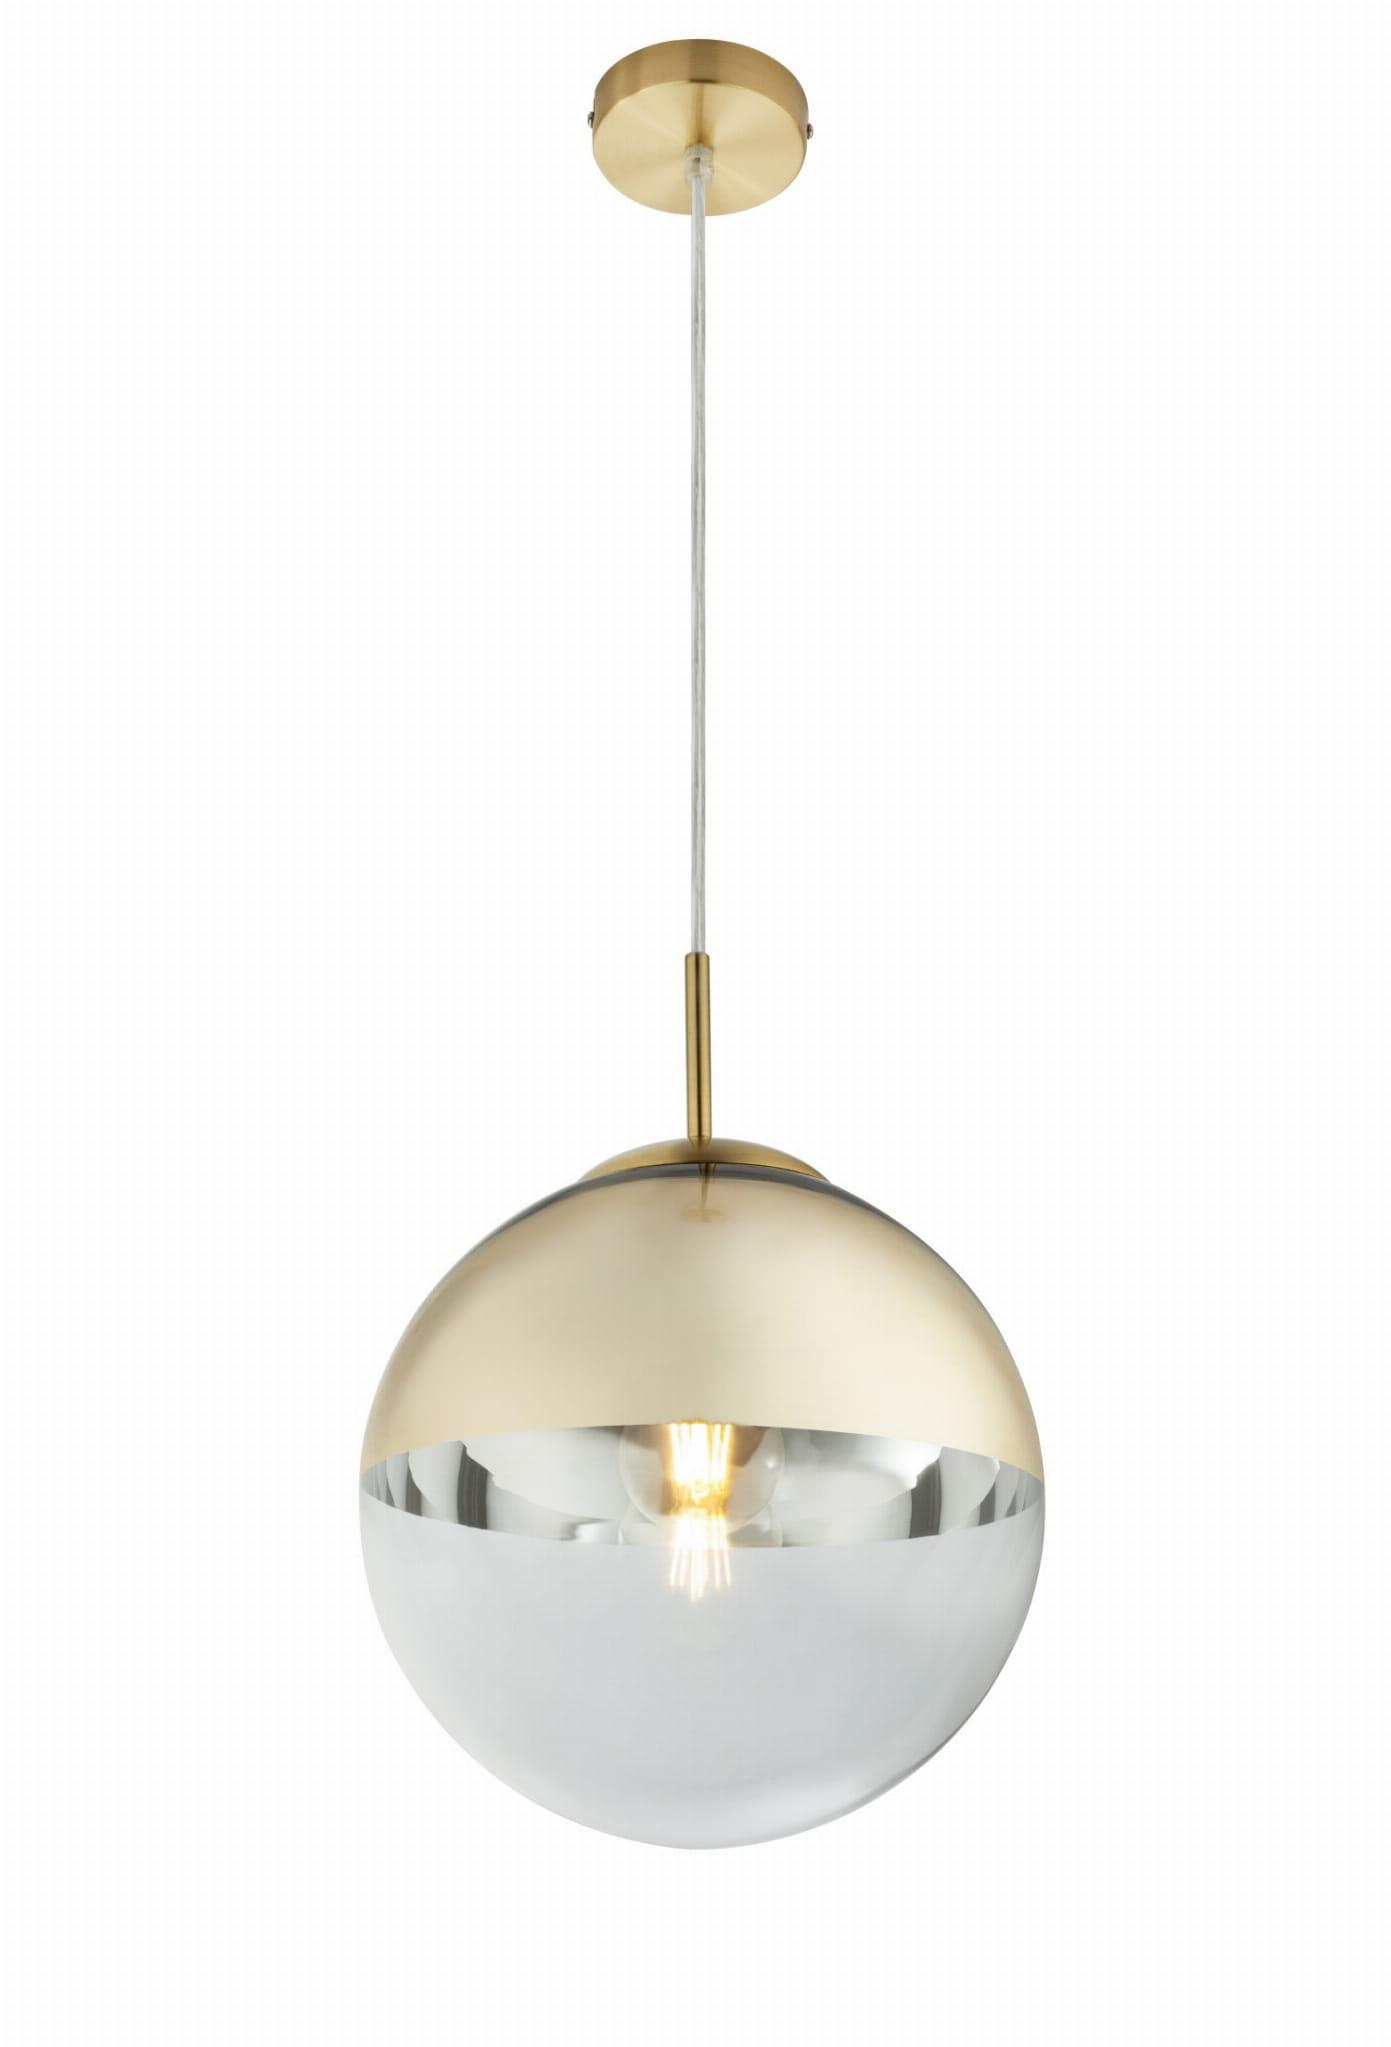 GLOBO NOWOCZESNA LAMPA WISZĄCA KULA VARUS 15856 GOLD